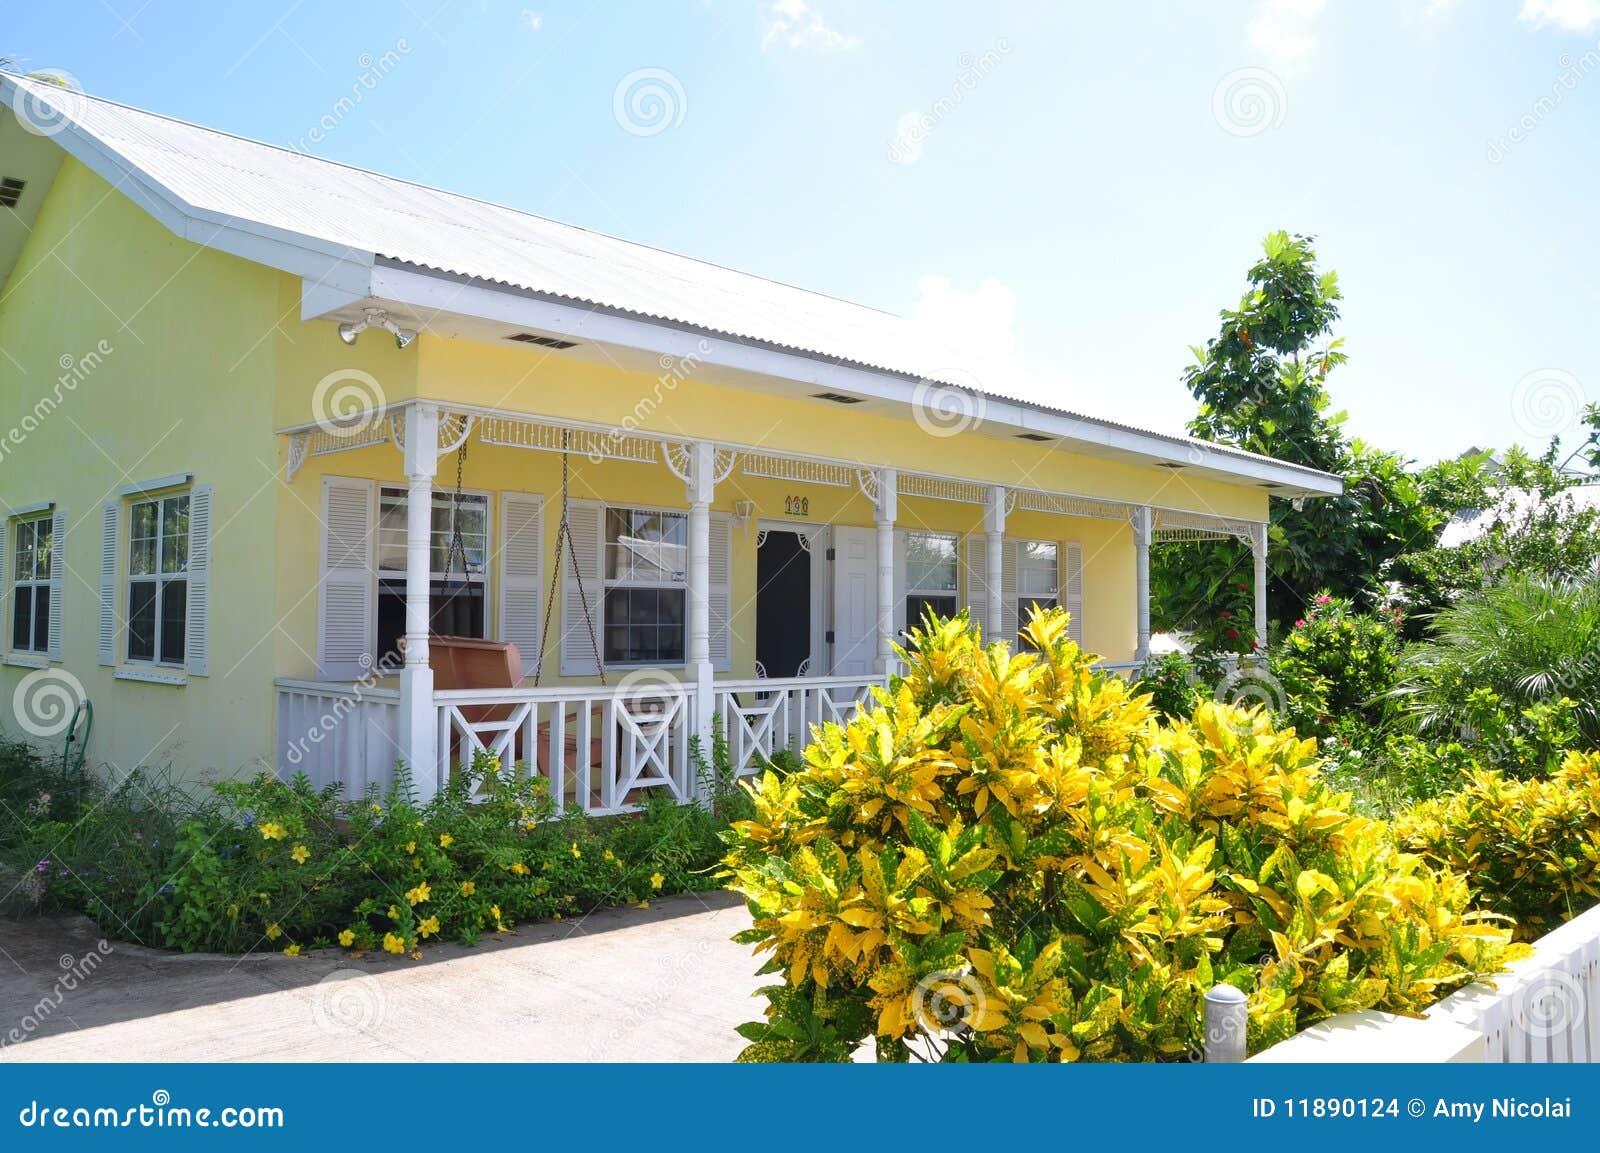 Casa De Campo Amarela E Branca Foto De Stock Imagem De